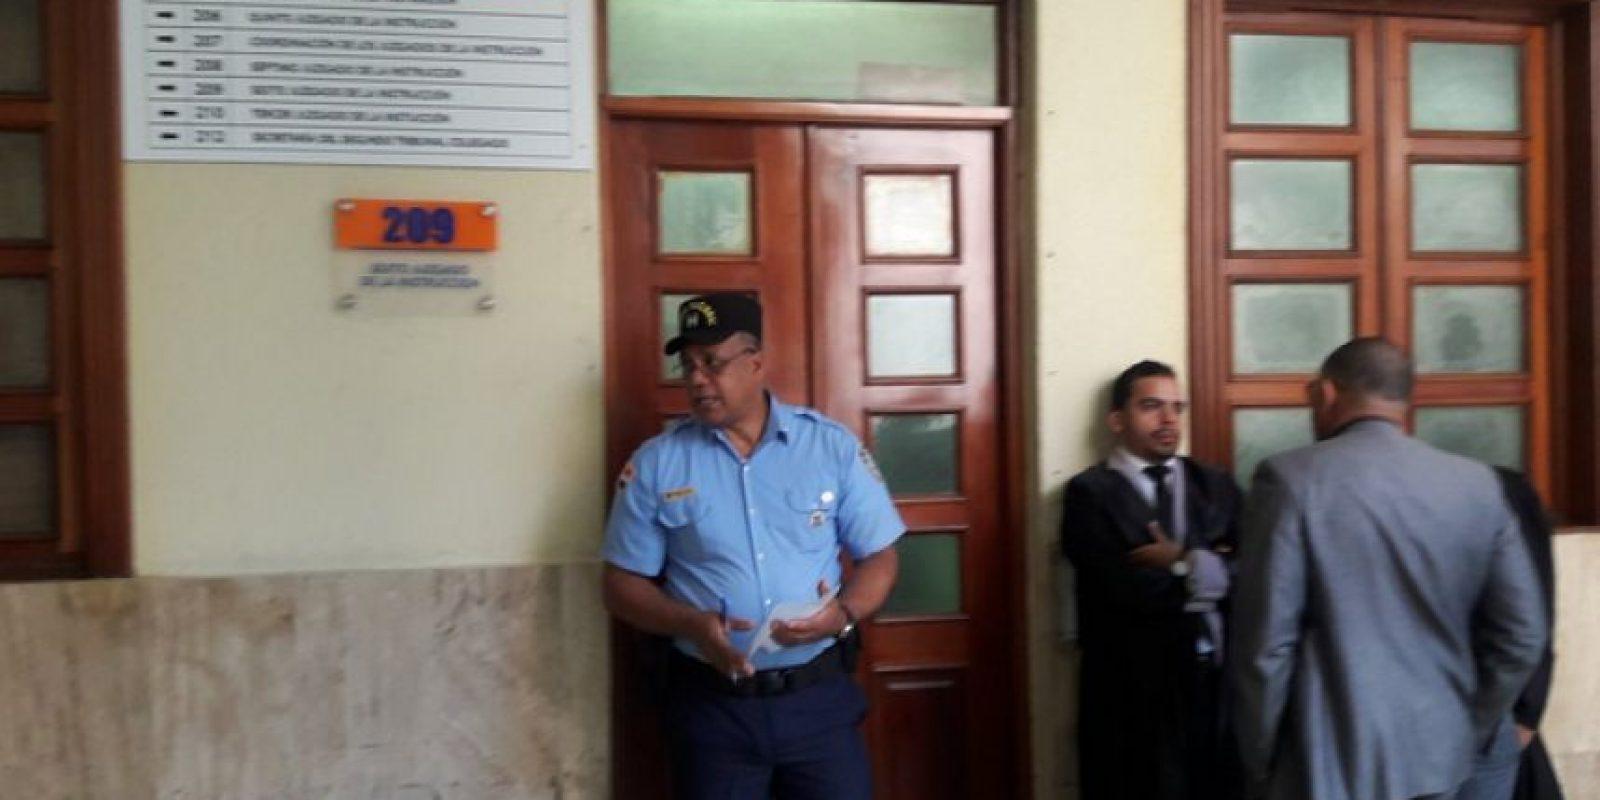 Juzgado donde se conocerá la audiencia contra Blas Peralta y cómplices Foto:Fuente Externa